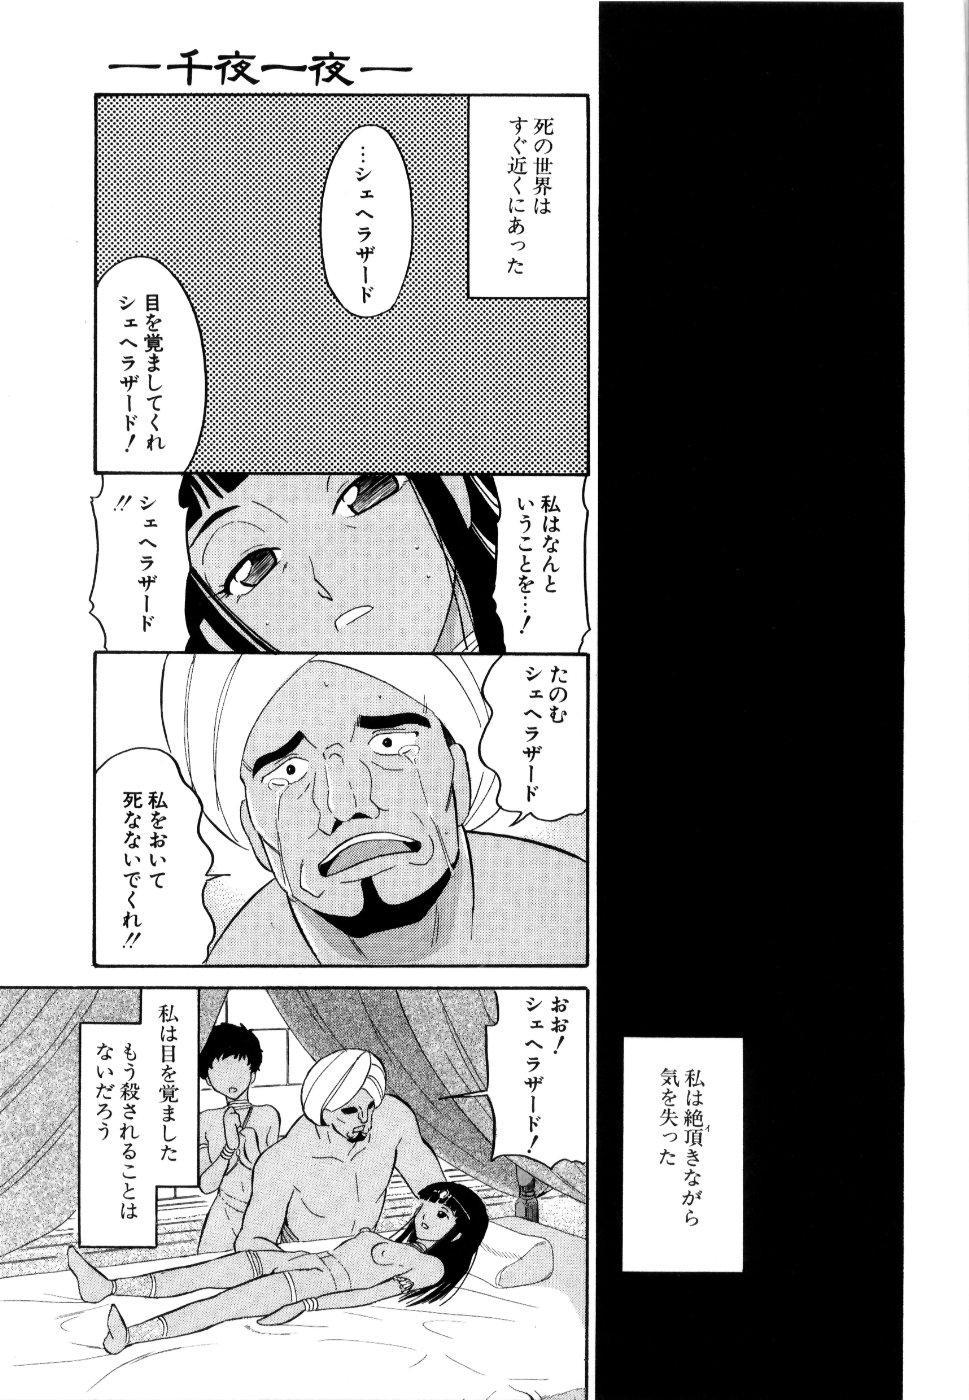 [Dozamura] Doguu -Dozamura Guuwa- Kuro 103